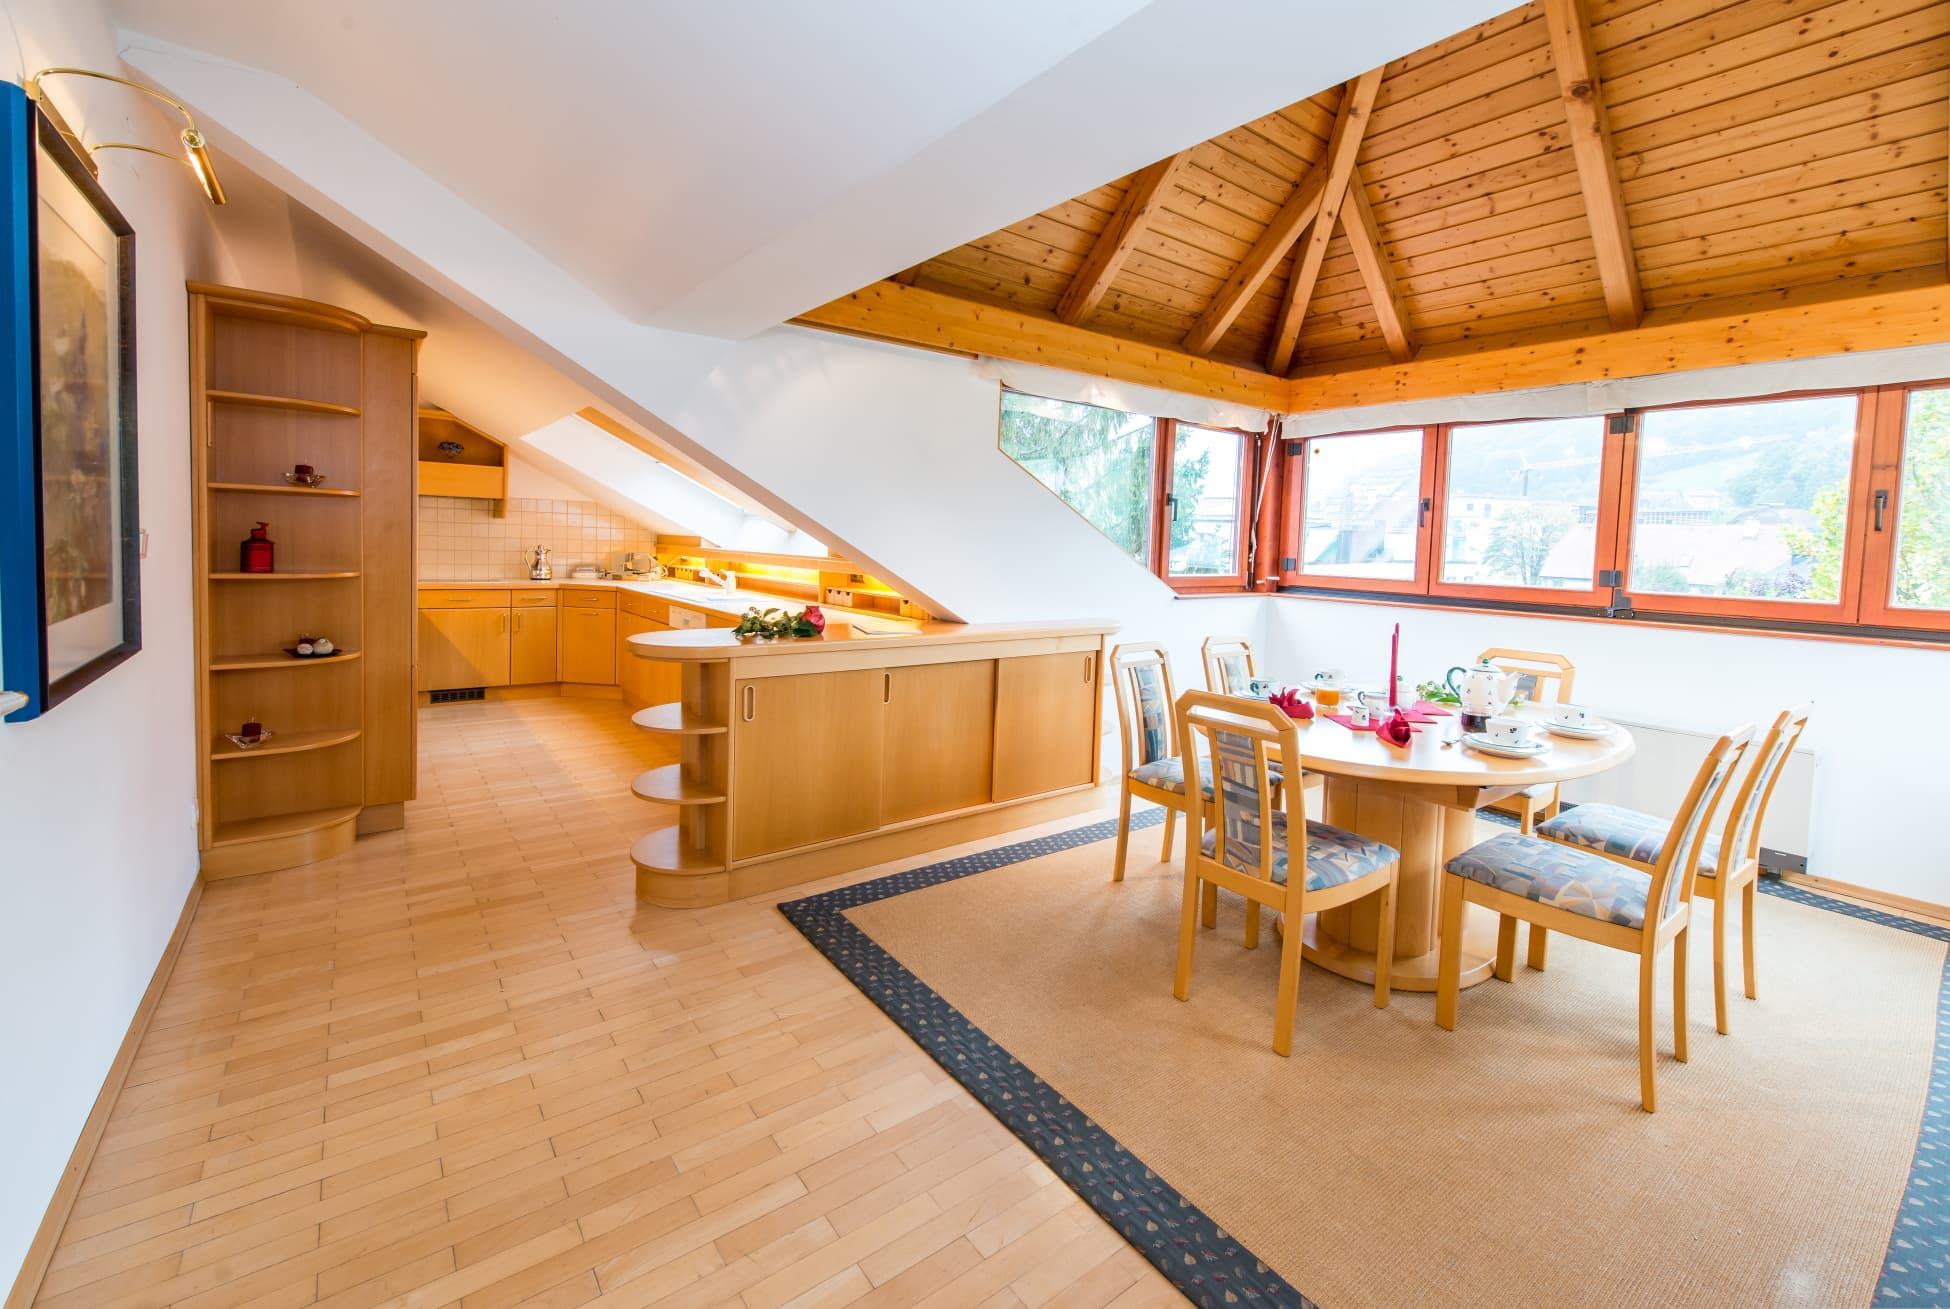 Blick in die Wohnküche von Wohnung 1